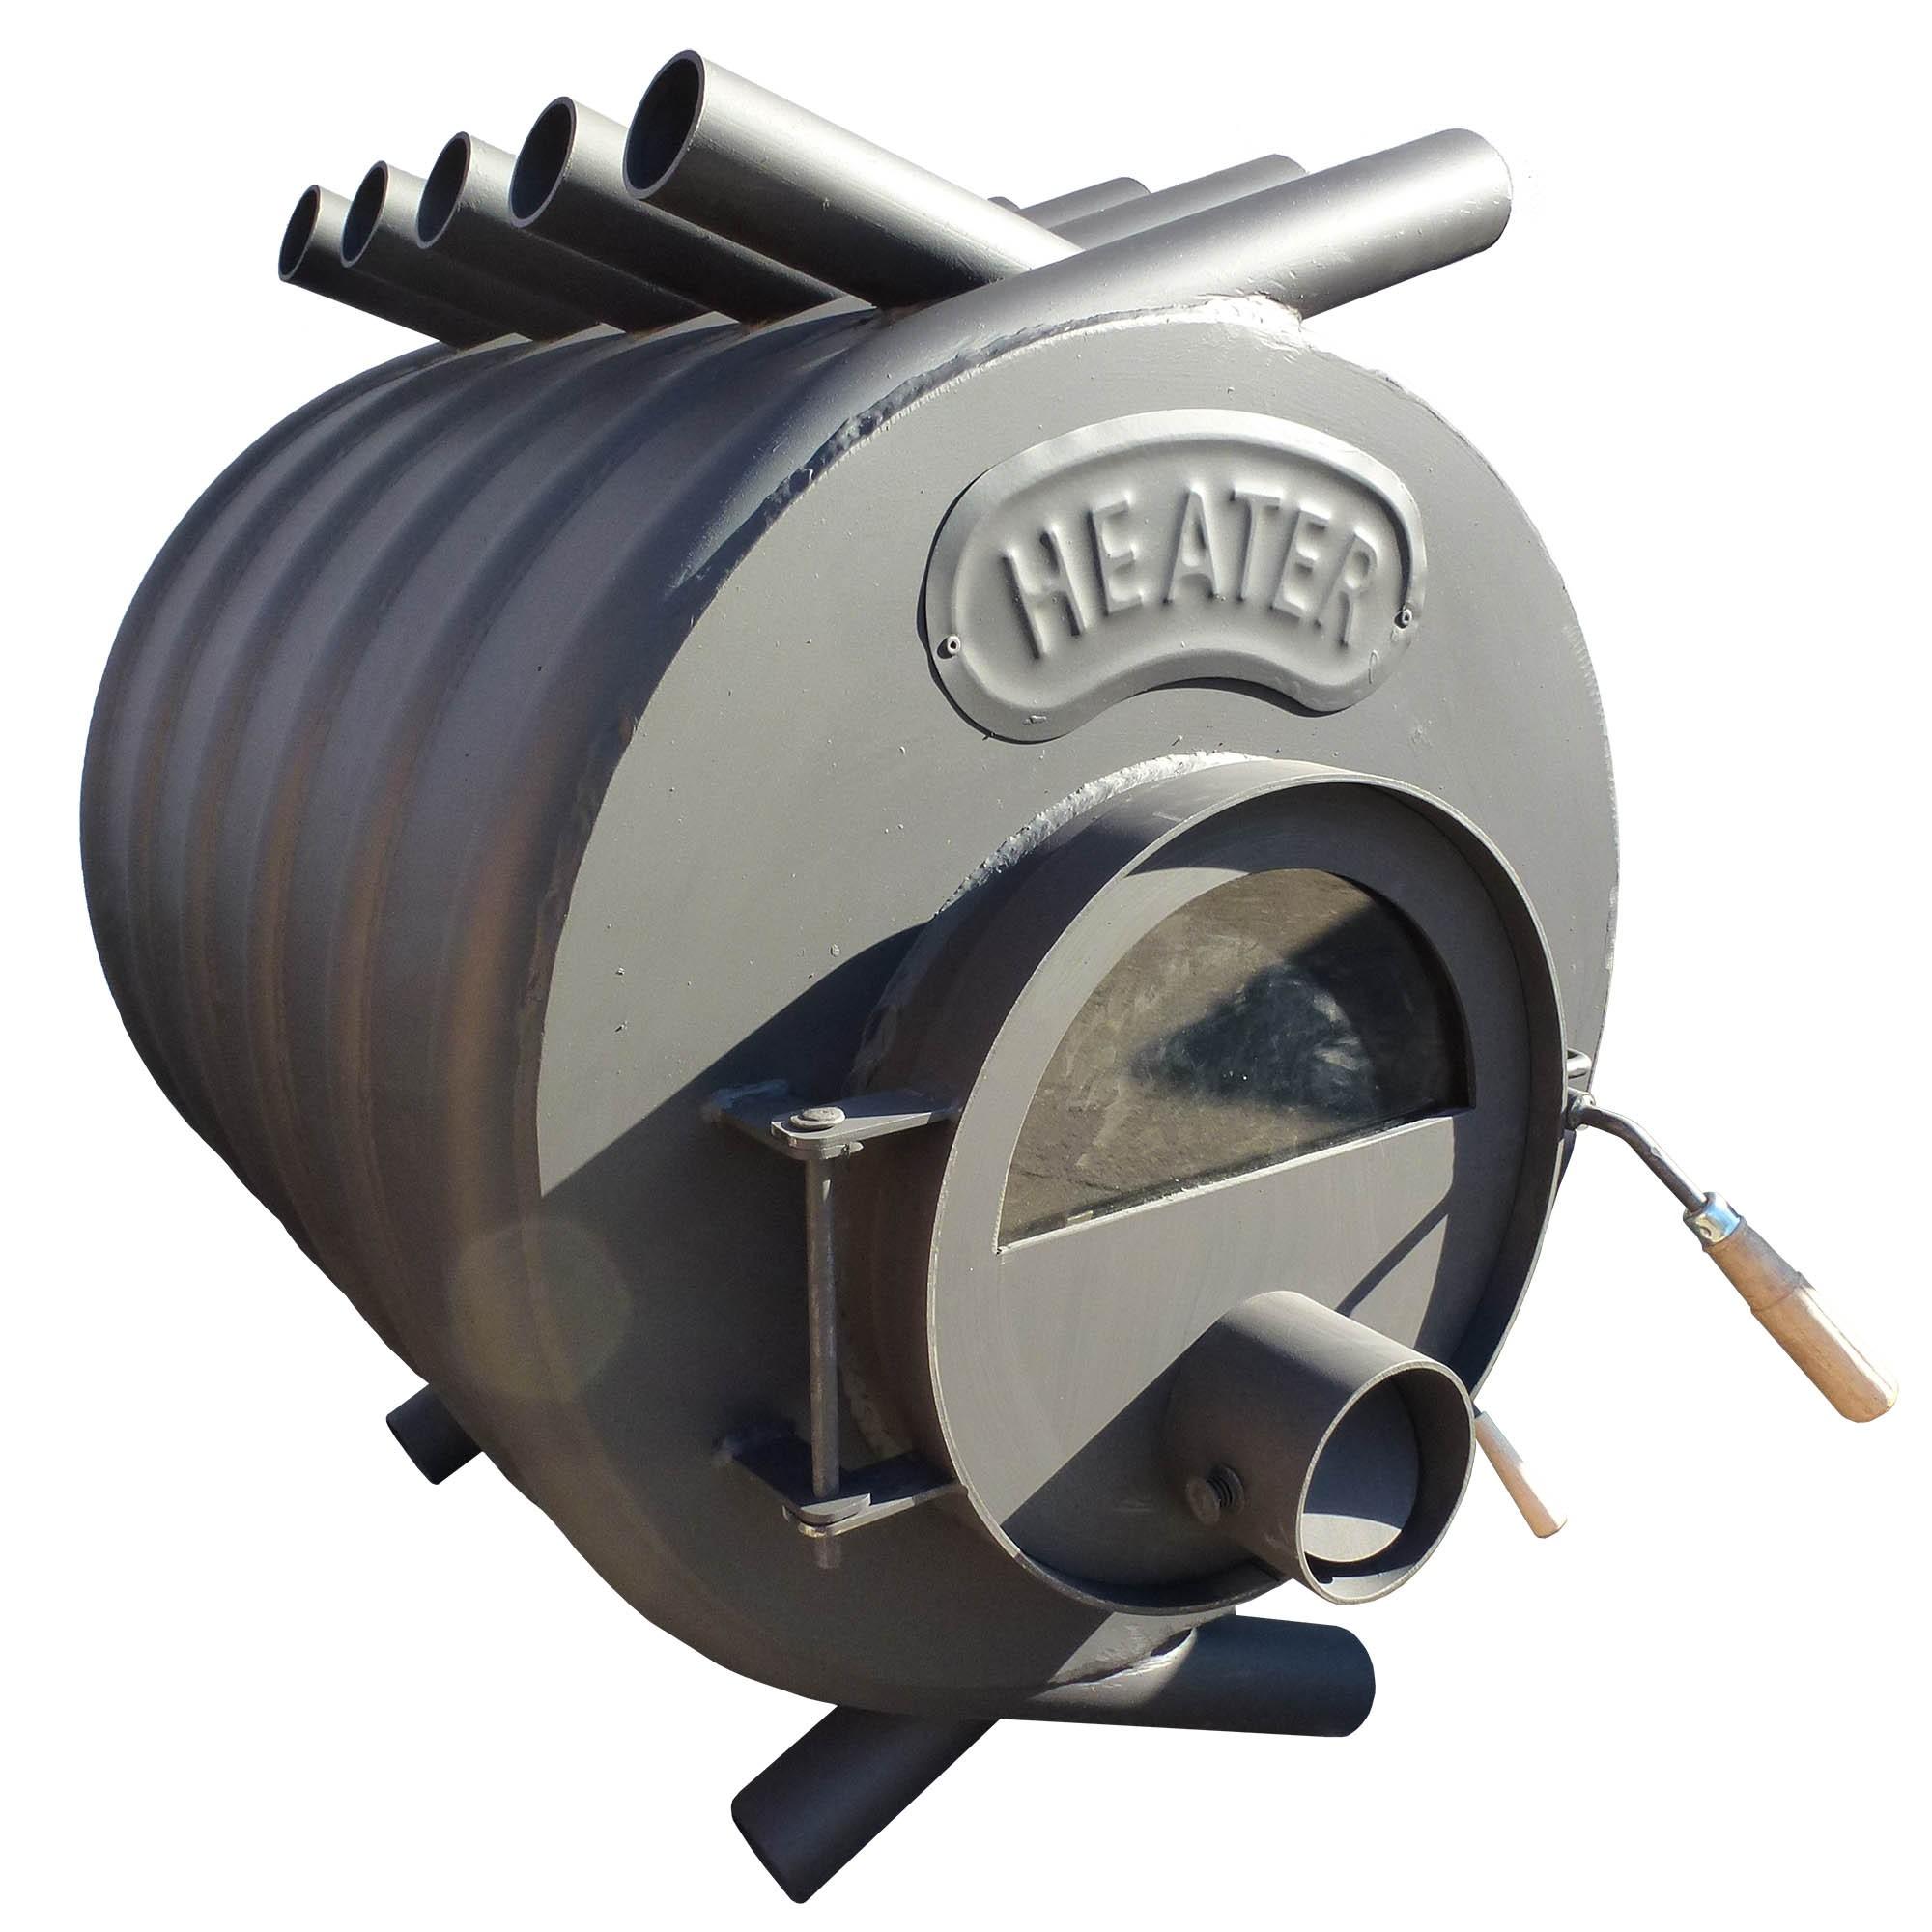 Teplovzdušná kamna na dřevo HEATER - 20 kW